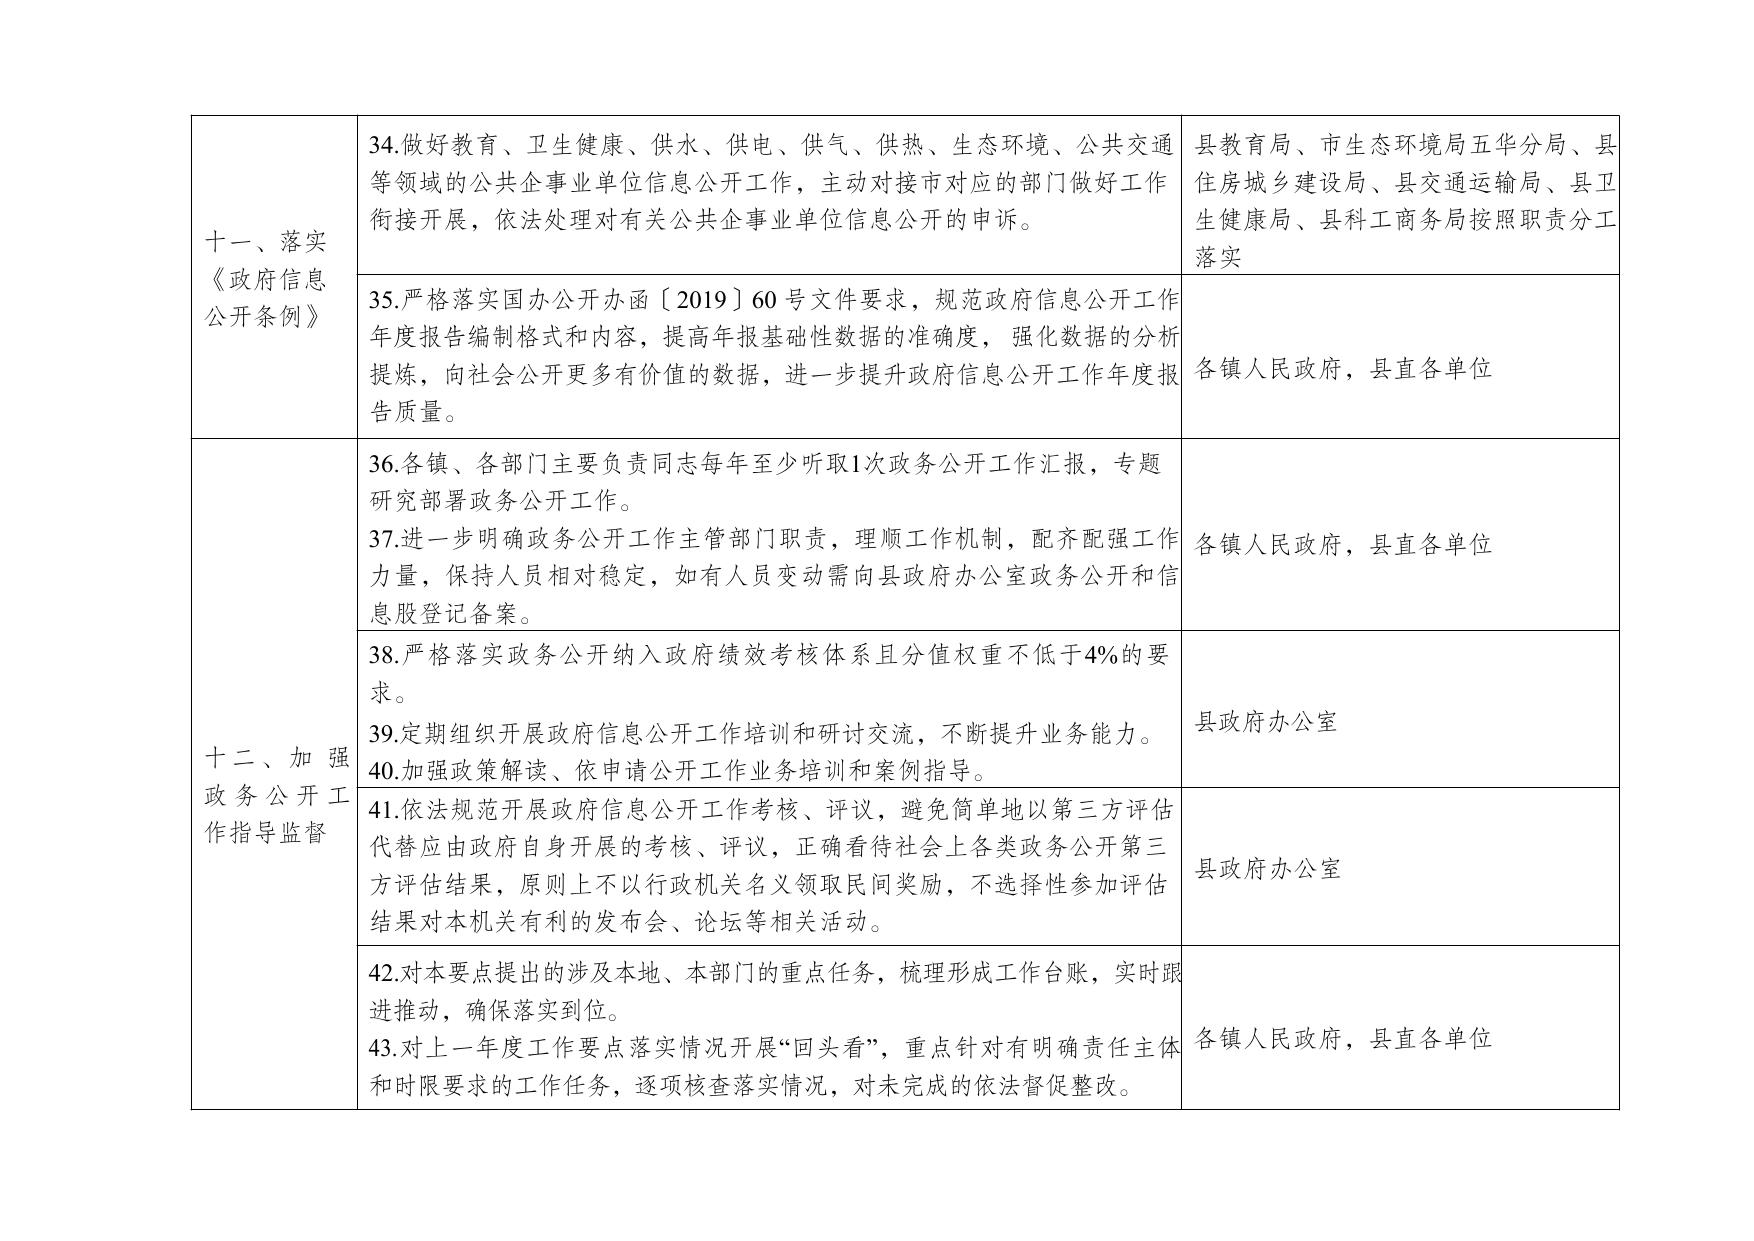 五华县人民政府办公室关于印发五华县2021年政务公开工作要点分工方案的通知0004.jpg